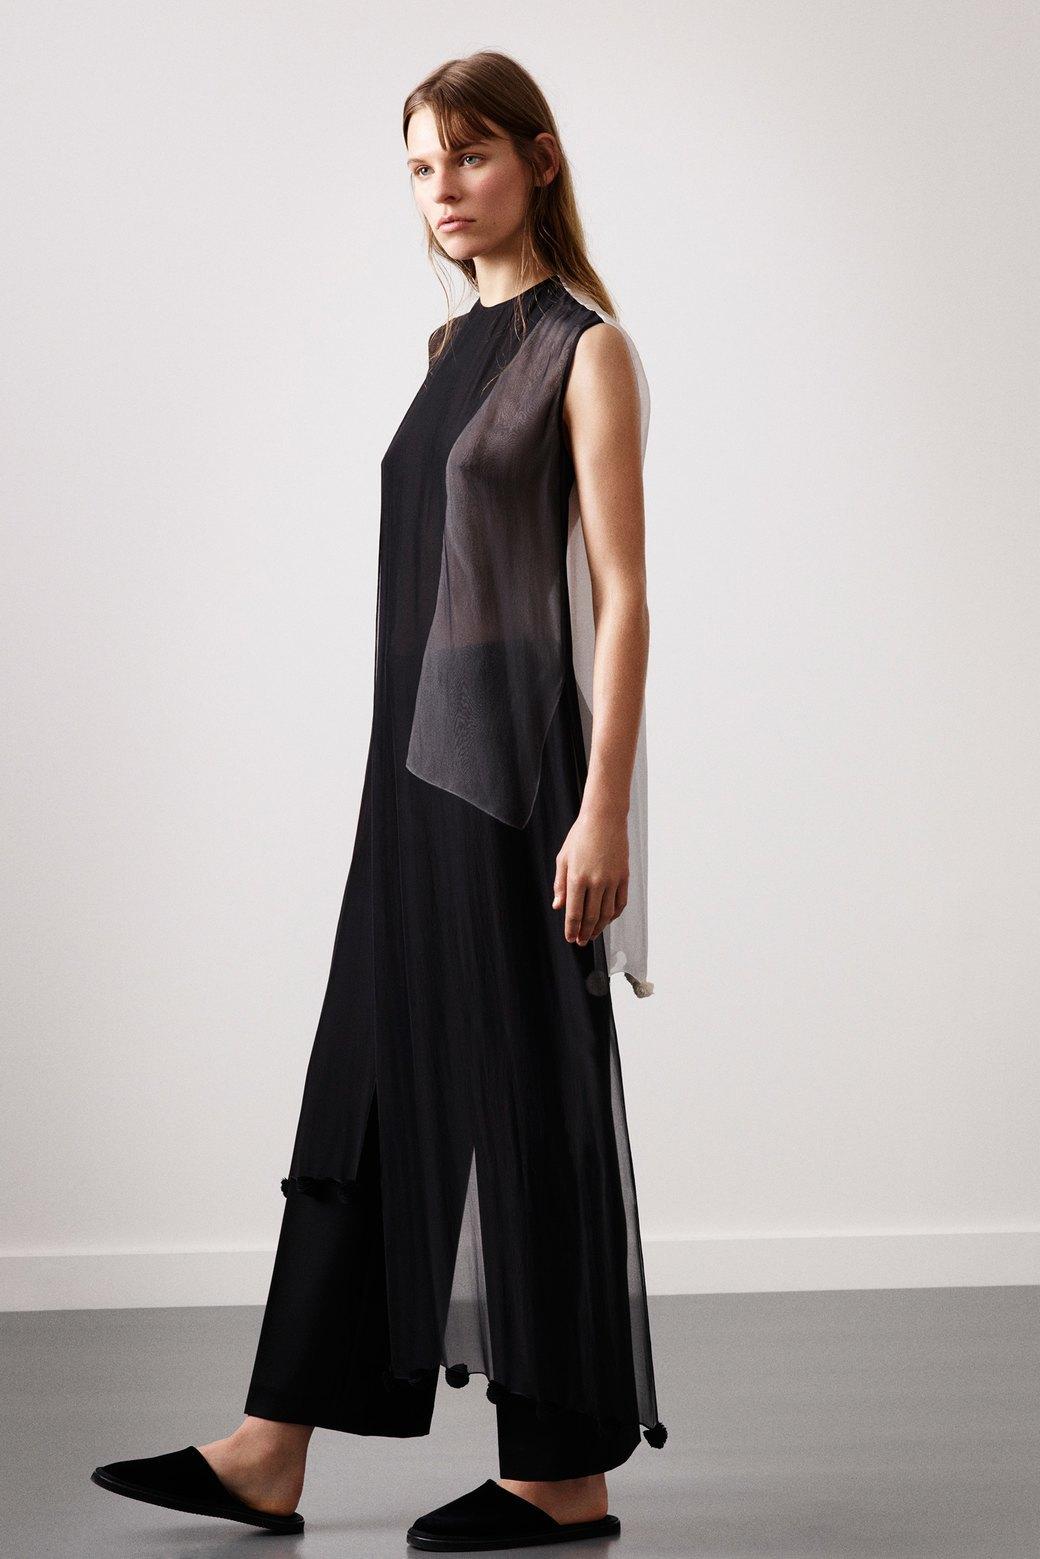 Платье на брюки:  Как использовать  многослойность. Изображение № 6.